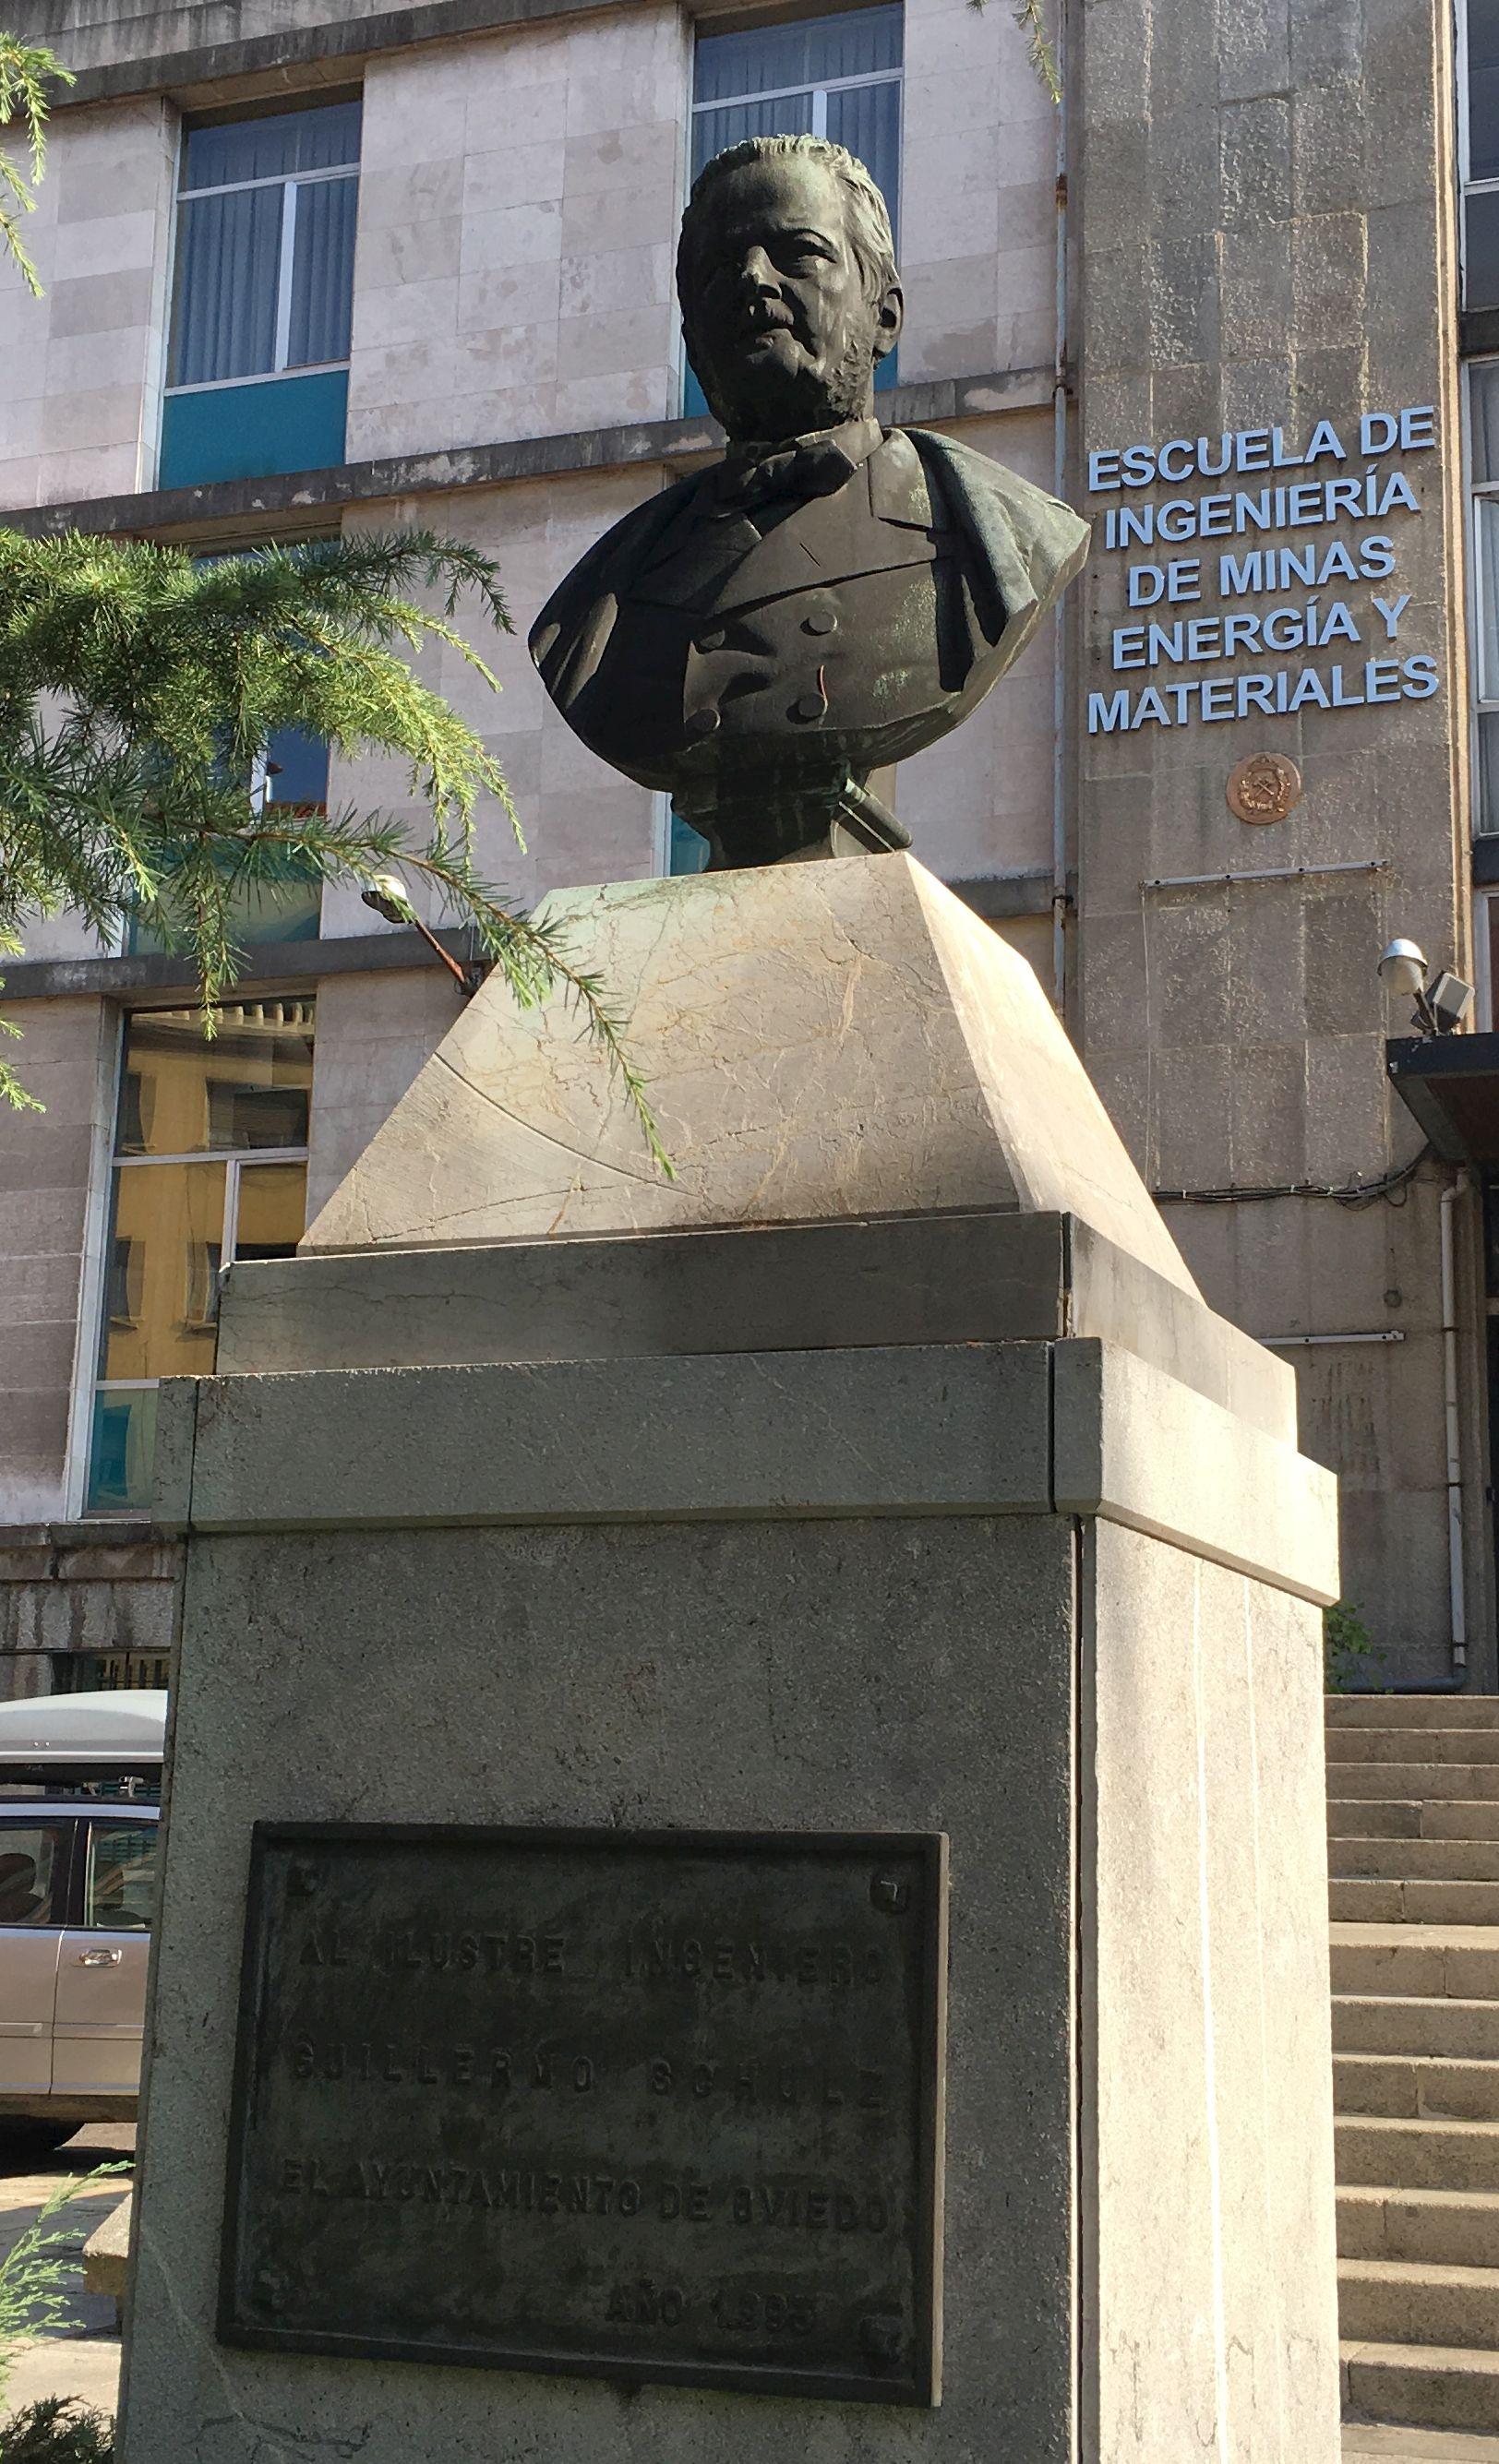 Busto de Guillermo Schulz frente a la Escuela Técnica Superior de Ingenieros de Minas de Oviedo (homenaje del Ayto. de Oviedo, originalmente en la Plaza de Riego, trasladadO frente a la E.T.I.M.O en 1993)